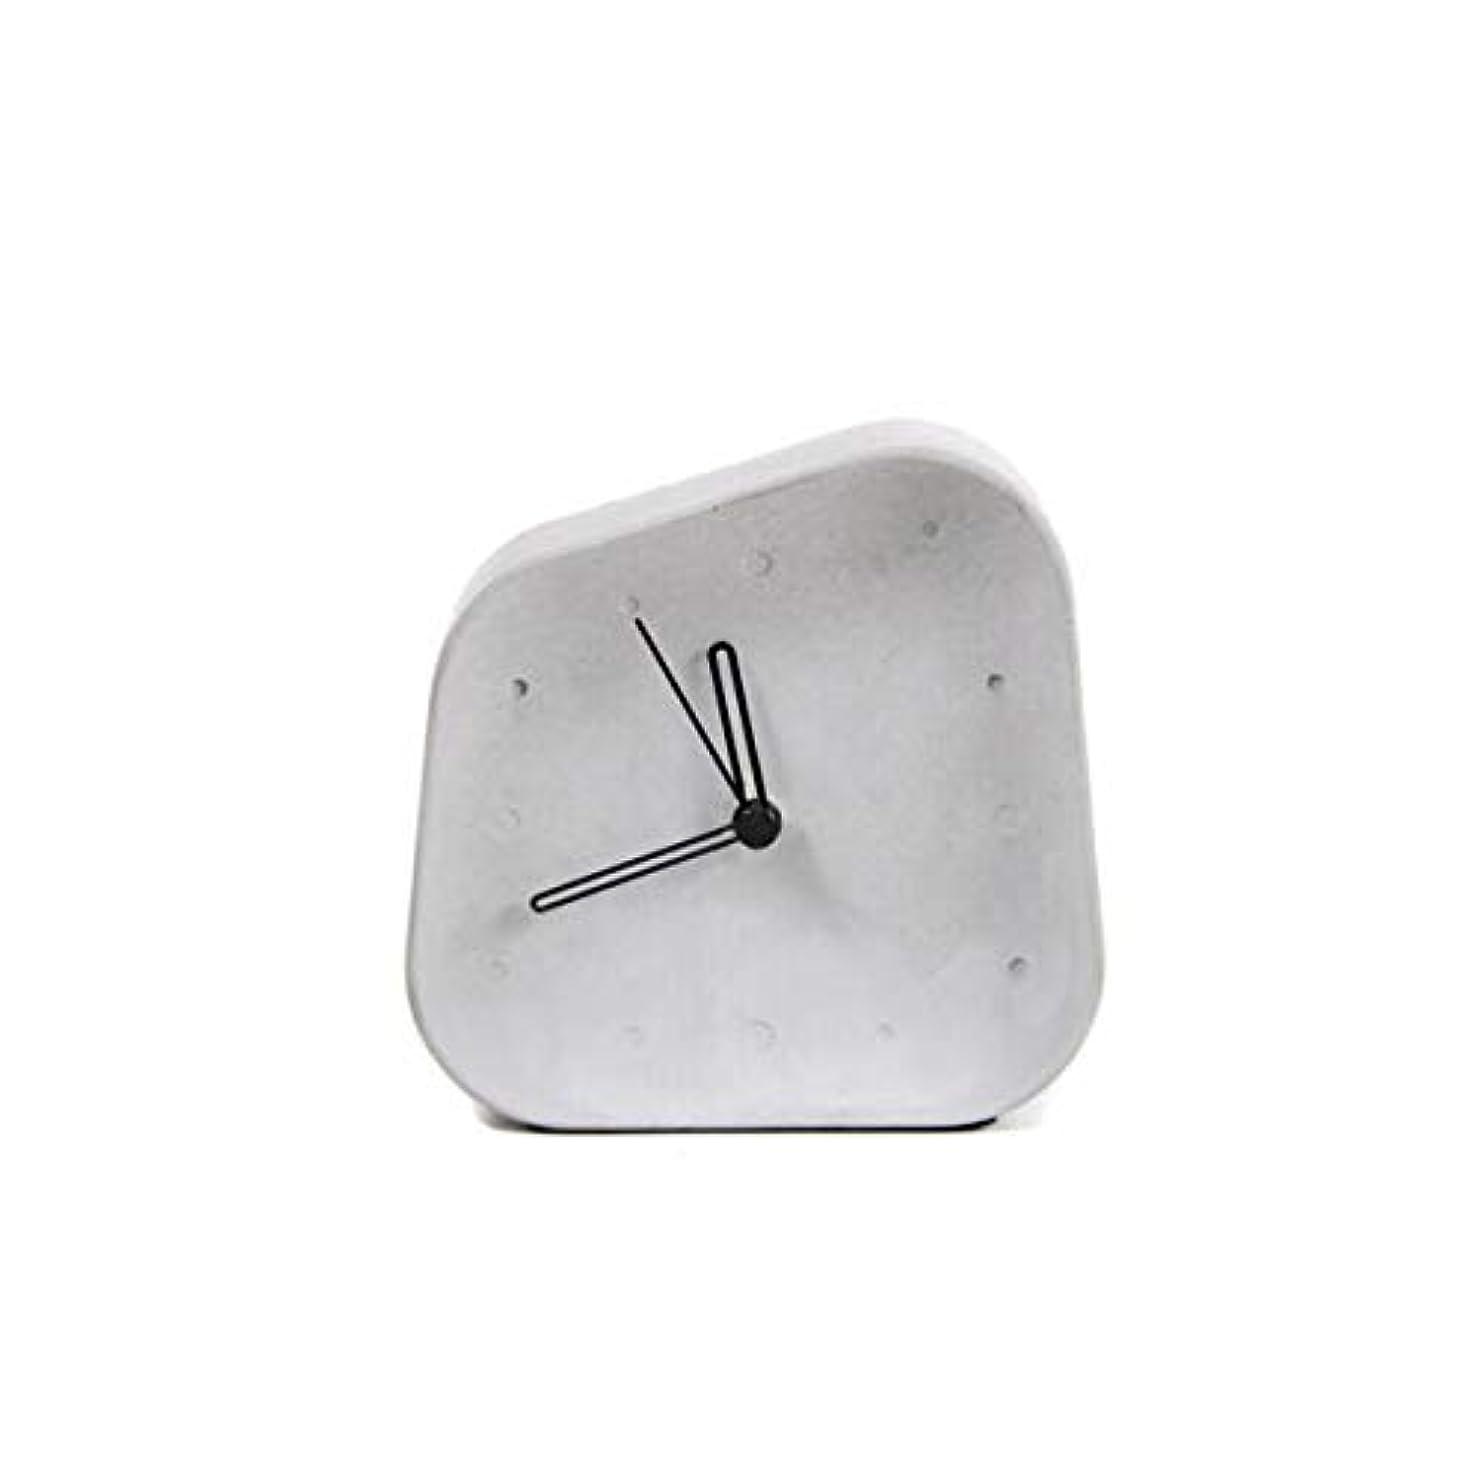 規則性ビールトラクターKaiyitong001 目覚まし時計、創造的な学生シンプルなサイレント目覚まし時計、デスクトップファッション小時計、ベッドサイドセメント時計装飾、目覚まし時計ホワイト (Color : White)